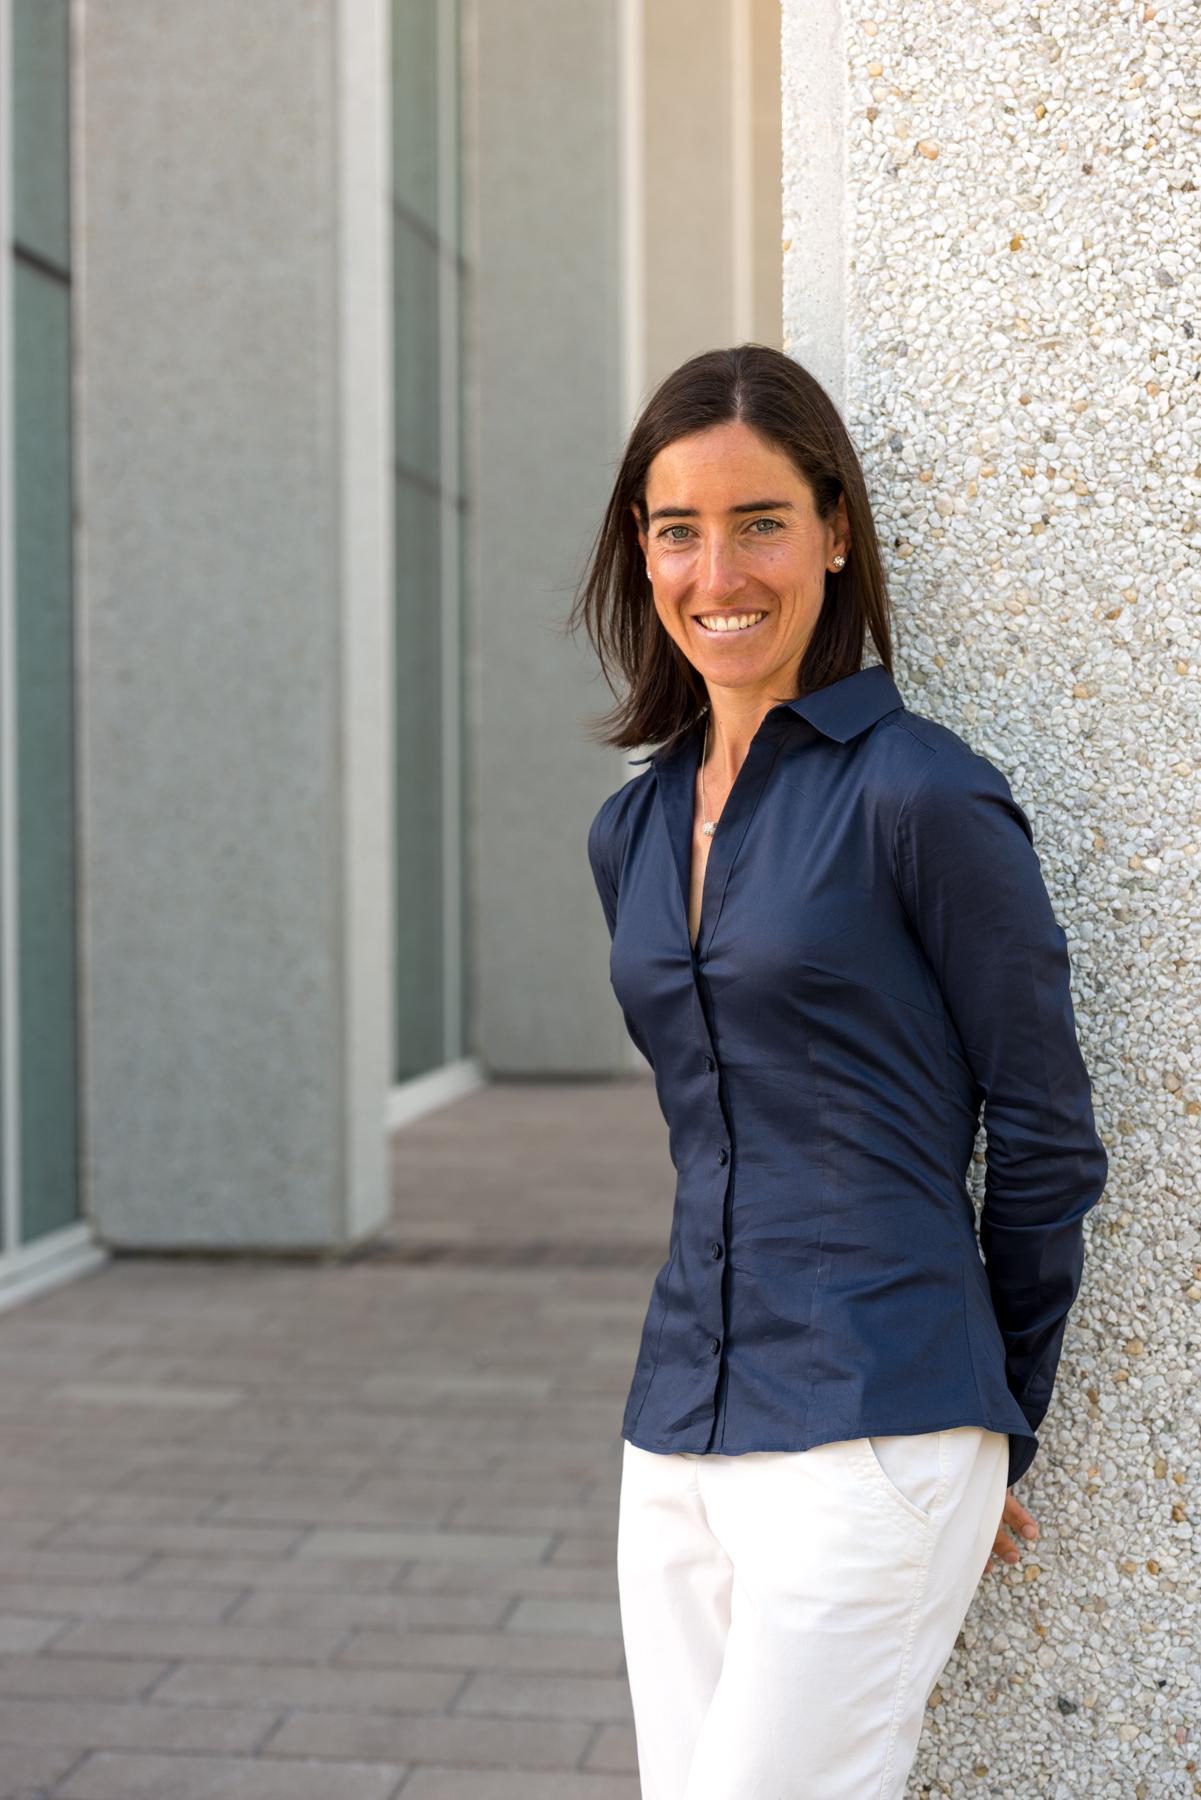 Shelley Doucet, Co-Lead